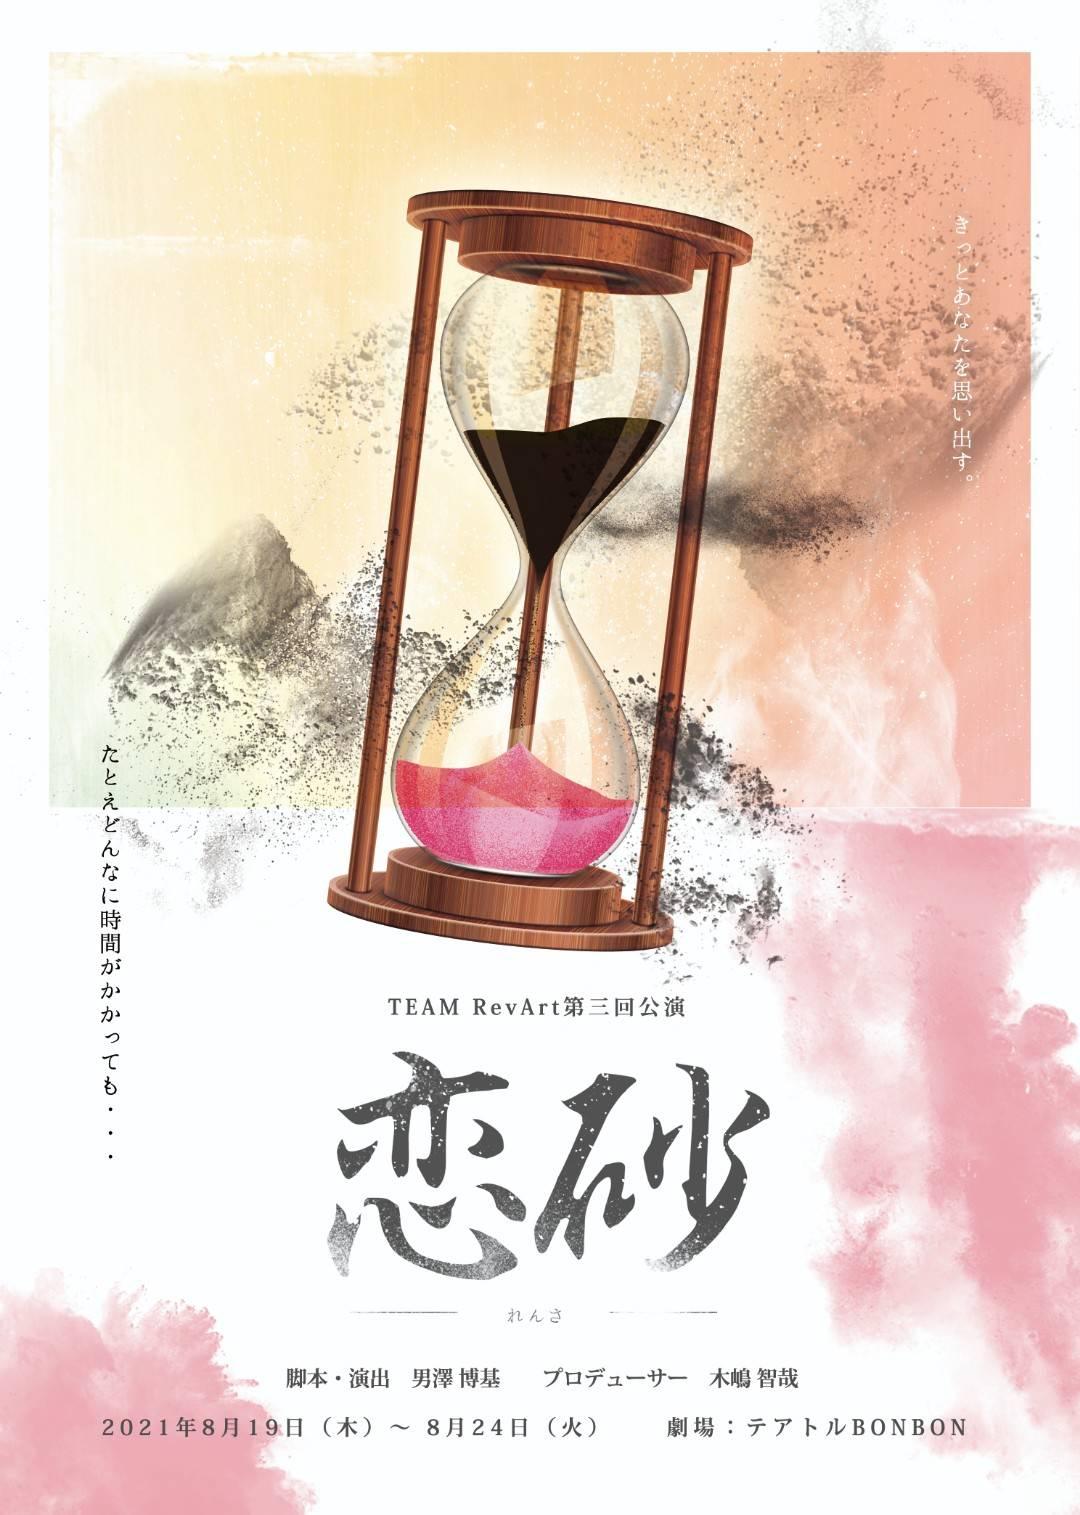 TEAM RevArt 第三回公演 恋砂 ーれんさー 「砂」8/23 17:00~